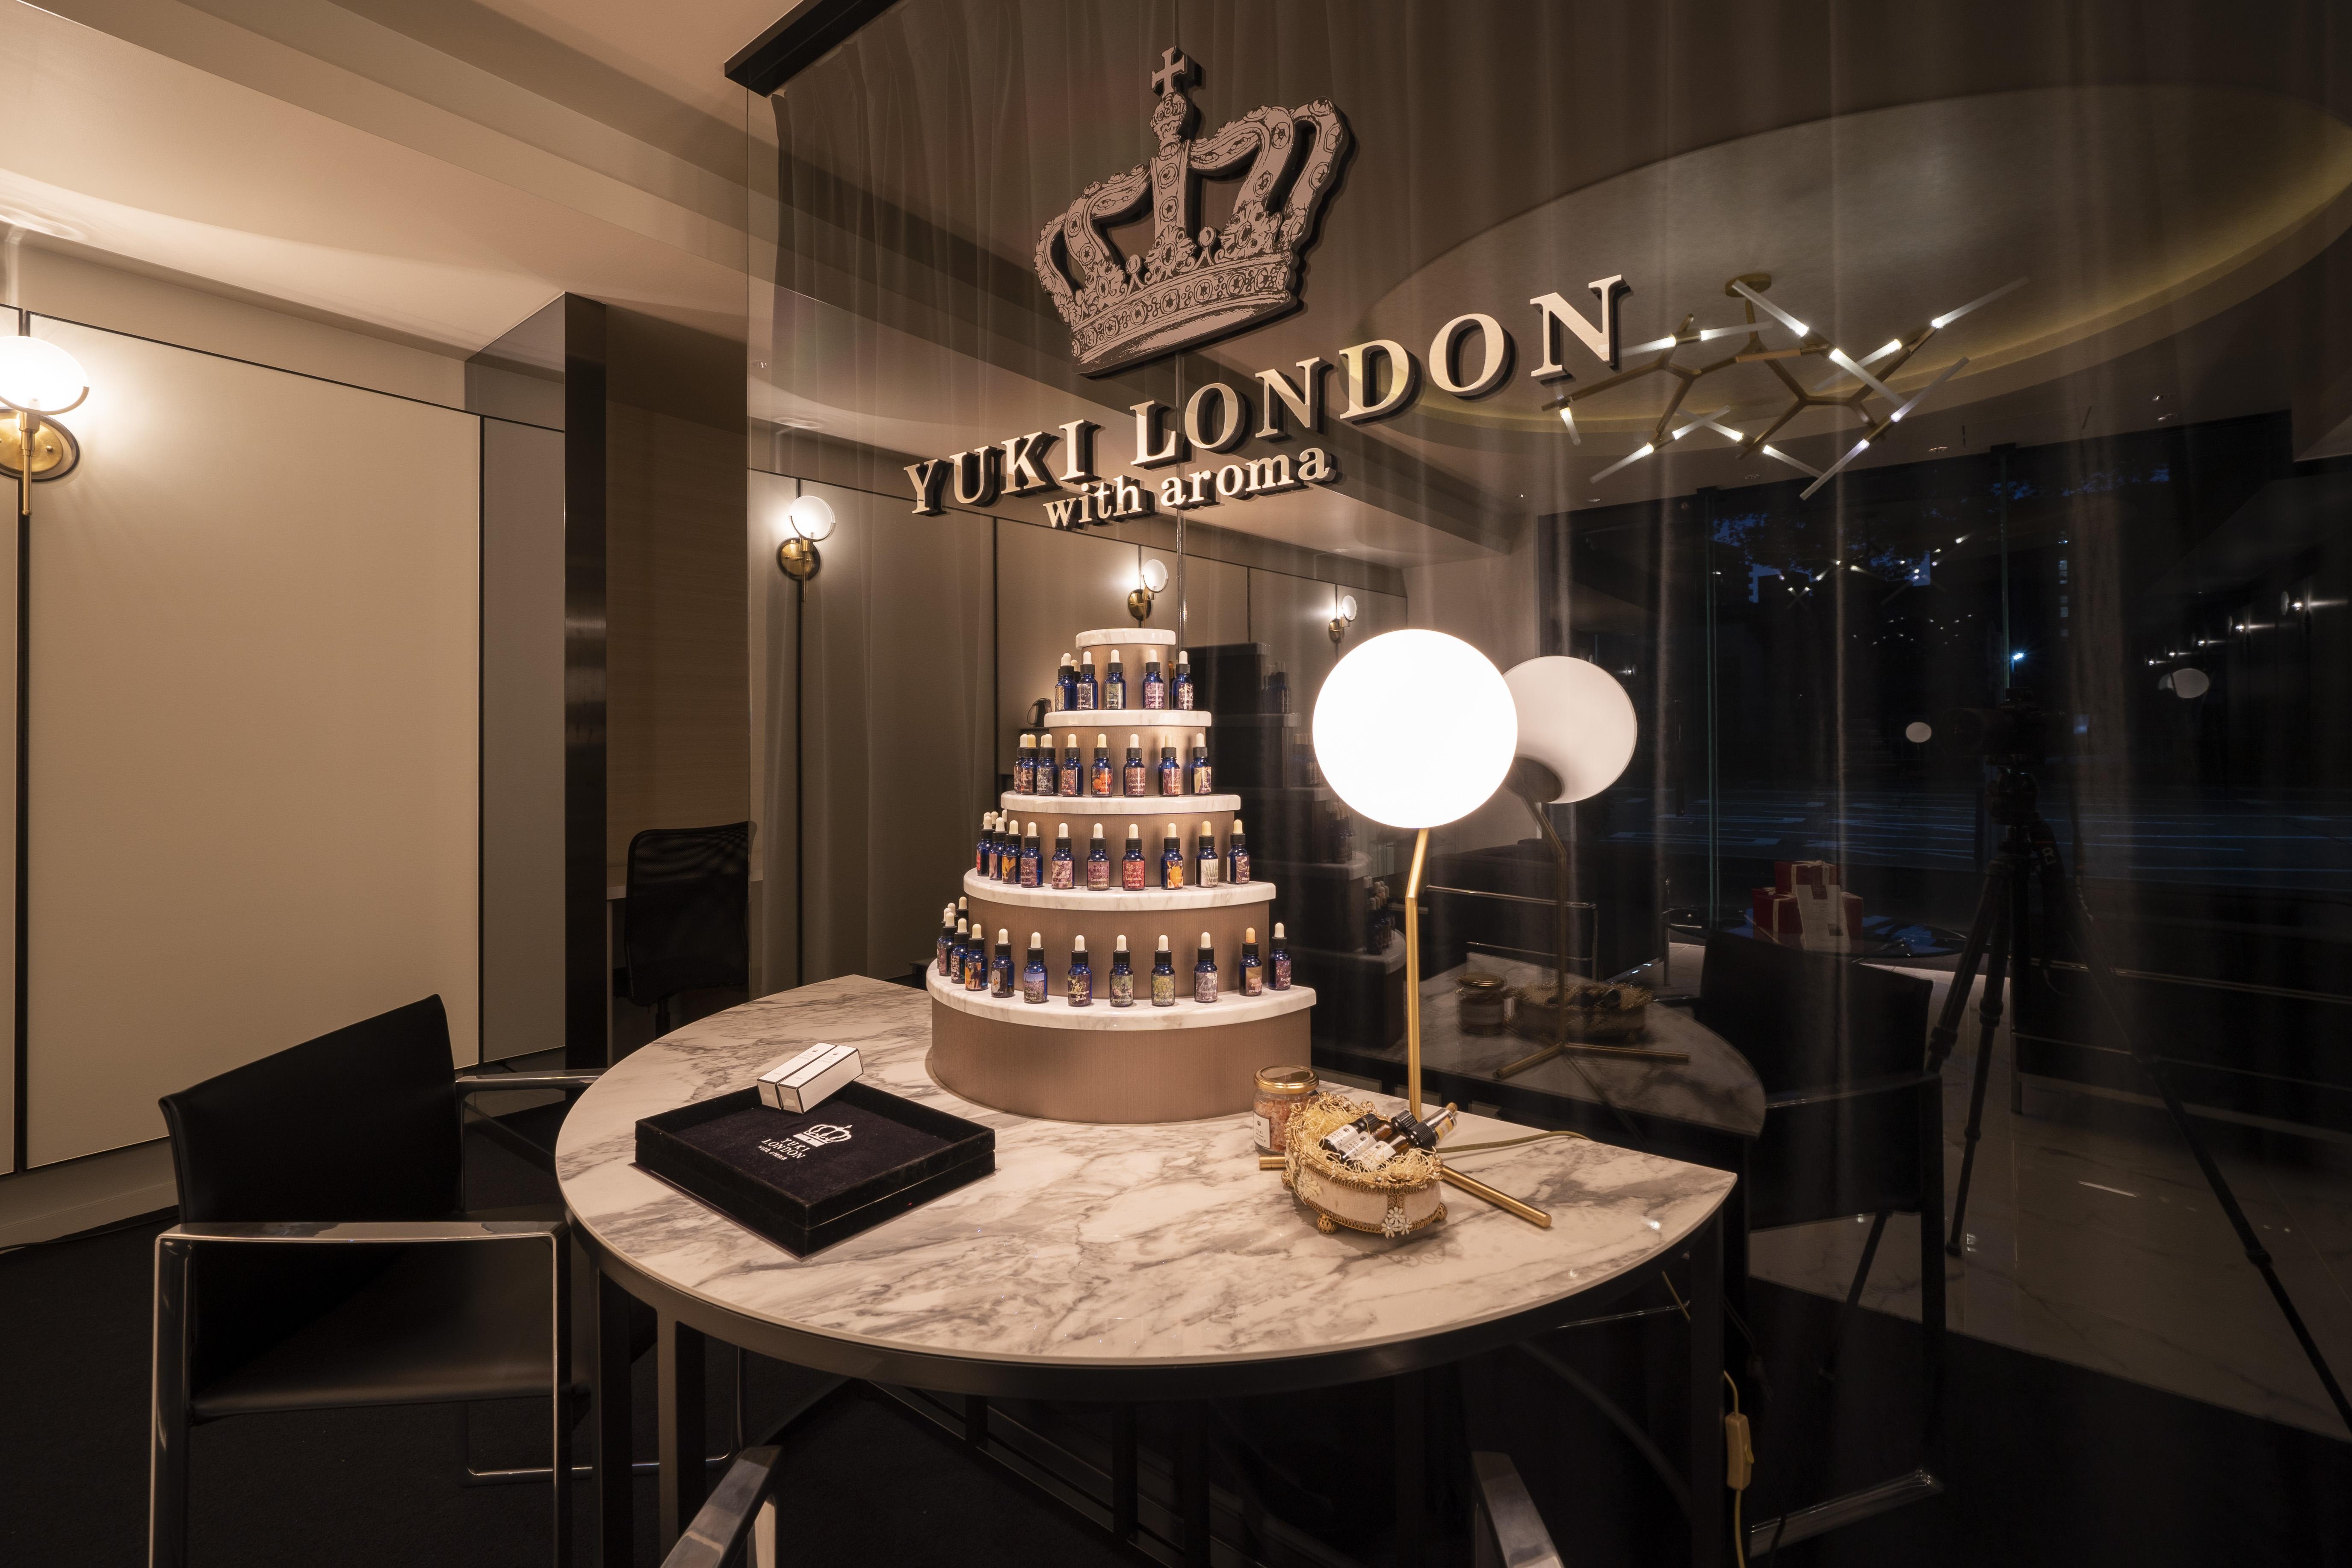 YUKI LONDON with aroma